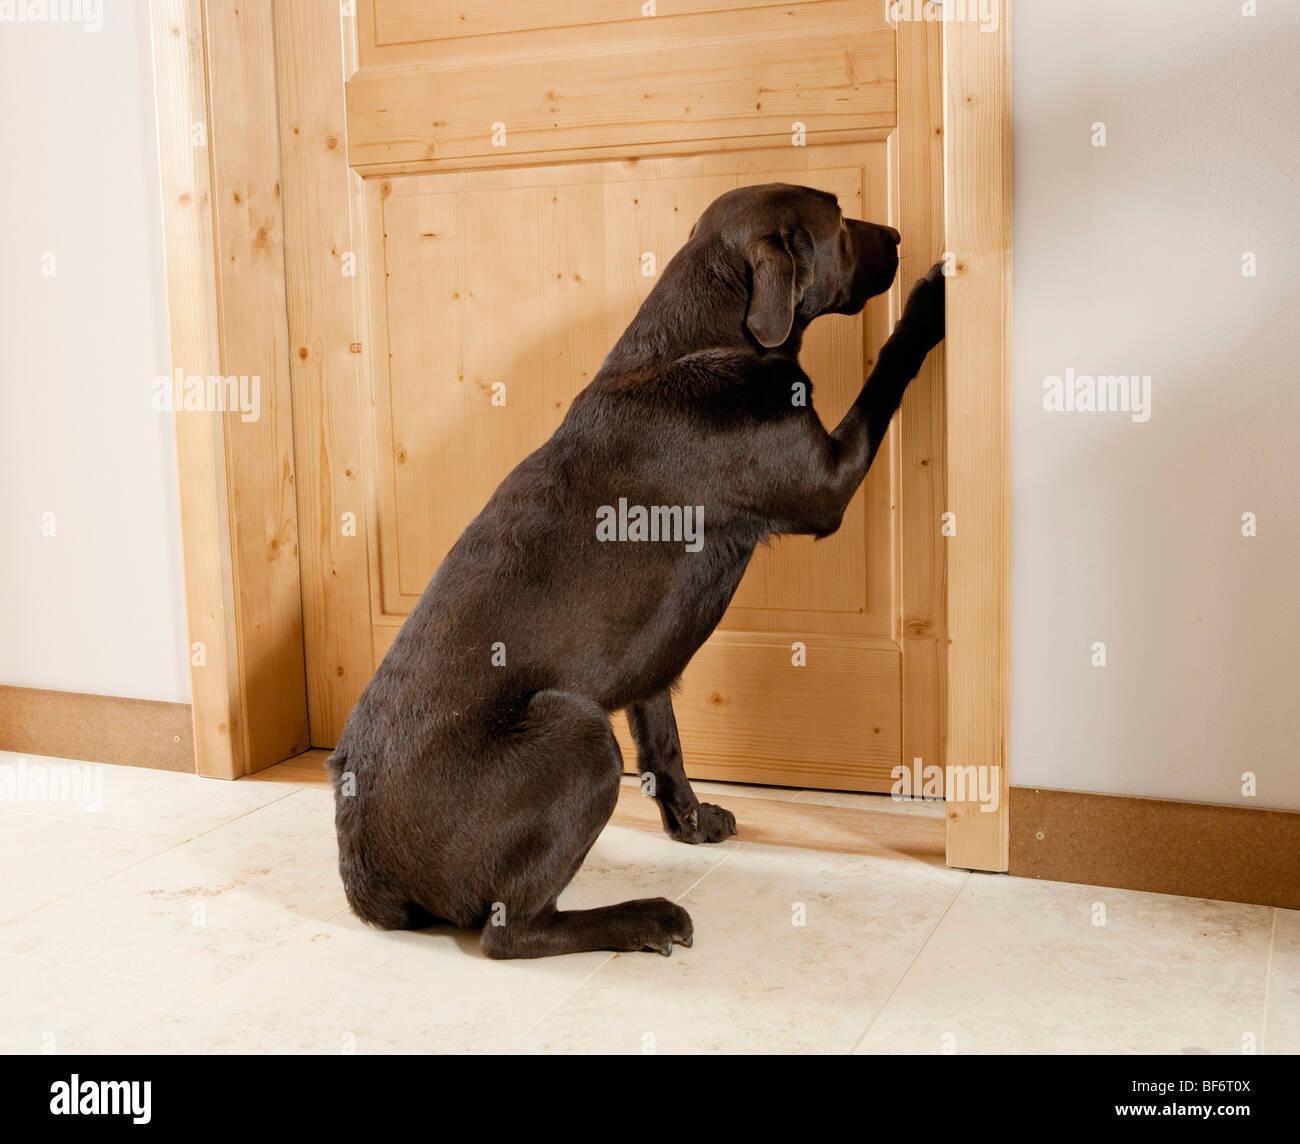 Bad Habit : Labrador Retriever Scratching At Door